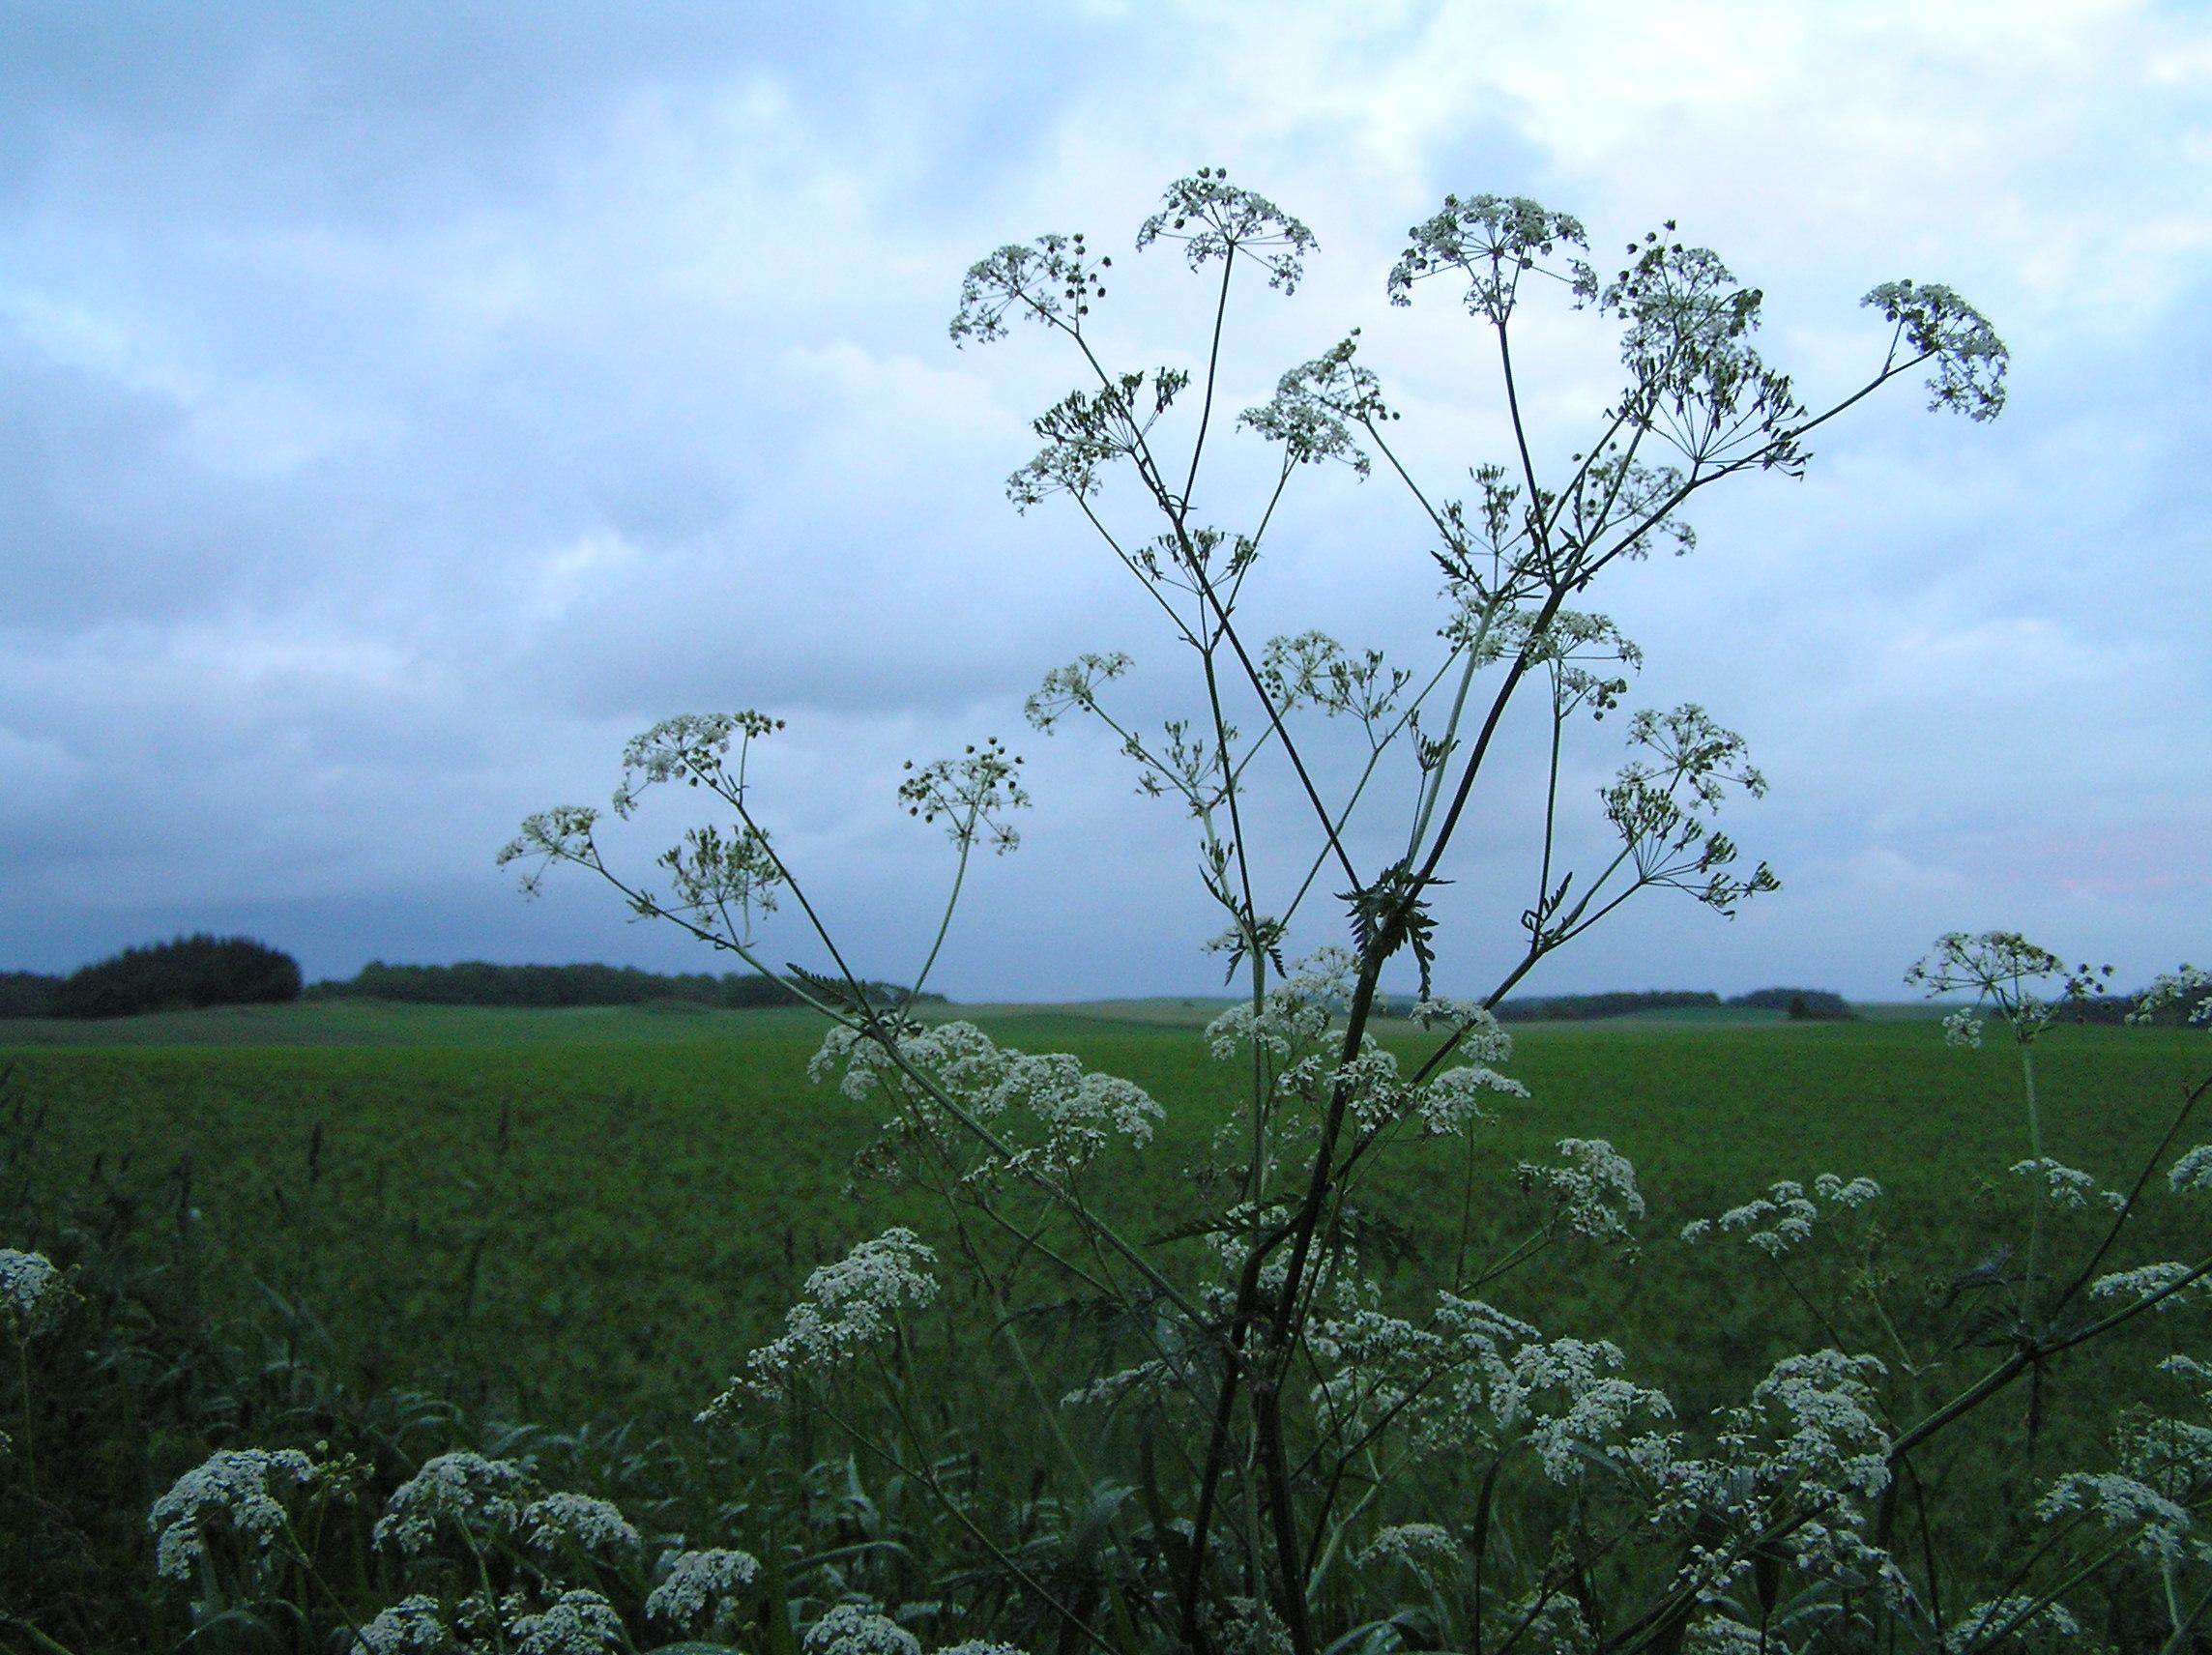 """Bæredygtighed er grundlæggende for alt hvad vi gør…. - Restauranten er grøntsagsbaseret, og ingredienserne er baseret på vores permakulturhave, den vilde natur, og små lokale producenter. Selvfølgelig (!) er der ikke anvendt pesticider og lignende, og vi undgår F1-hybrider, hvorved der kun er frøægte planter i vores have. Vi støtter økologisk og biodynamisk dyrkning i meget høj grad, men vi ønsker at gå meget længere. Vi ønsker at ændre ambitionen – i stedet for blot at være tilfreds med et minimalt negativt aftryk på naturen, ønsker vi at tilstræbe et """"positivt aftryk"""" f.eks. ved at øge biodiversitet i forbindelse med dyrkning. Vi elsker at eksperimentere med hvad vi faktisk selv kan dyrke – ved at reintroducere gamle sorter, at kultivere vilde planter man normalt ikke vil dyrke i en have, og ved at introducere nye planter, der normalt ikke hører hjemme i Danmark.I køkkenet vil vi gerne vise naturens fulde gastronomiske potentiale. Vi er meget orienteret mod sæsonen og det momentane – og vi ønsker samtidig at """"forlænge"""" sæsoner ved at preservere naturens overflod når den er der. På denne måde er maden – såvel som atmosfæren generelt – forskellig efter sæsonen og vejret, men lige interessant og eksperimenterende året rundt. Vi køber enkelte ting, vi ikke selv kan dyrke – f.eks. appelsiner fra Italien når de er i sæson, mens de ting vi kan dyrke – f.eks. æbler – aldrig importeres.Bygningen, hvori vi bor, er en demonstrationsbygning for forskellige bæredygtige teknologier – f.eks. er væggene halmelementer (i stedet for f.eks. betonelementer), spildevand genbruges i et hygiejnisk dyrkningssystem, en røgvasker fjerne skadelige partikler fra masseovnen – og adskillige andre innovative løsninger.Alle interiørets elementer er baseret på samme ideologi – f.eks. er stolene dansk design, produceret af lokalt træ, og tallerkenserien er skabt til os uden glasering, så de kan komposteres – blot for at nævne enkelte eksempler.Vores vine er naturvine – produceret med økologisk ell"""